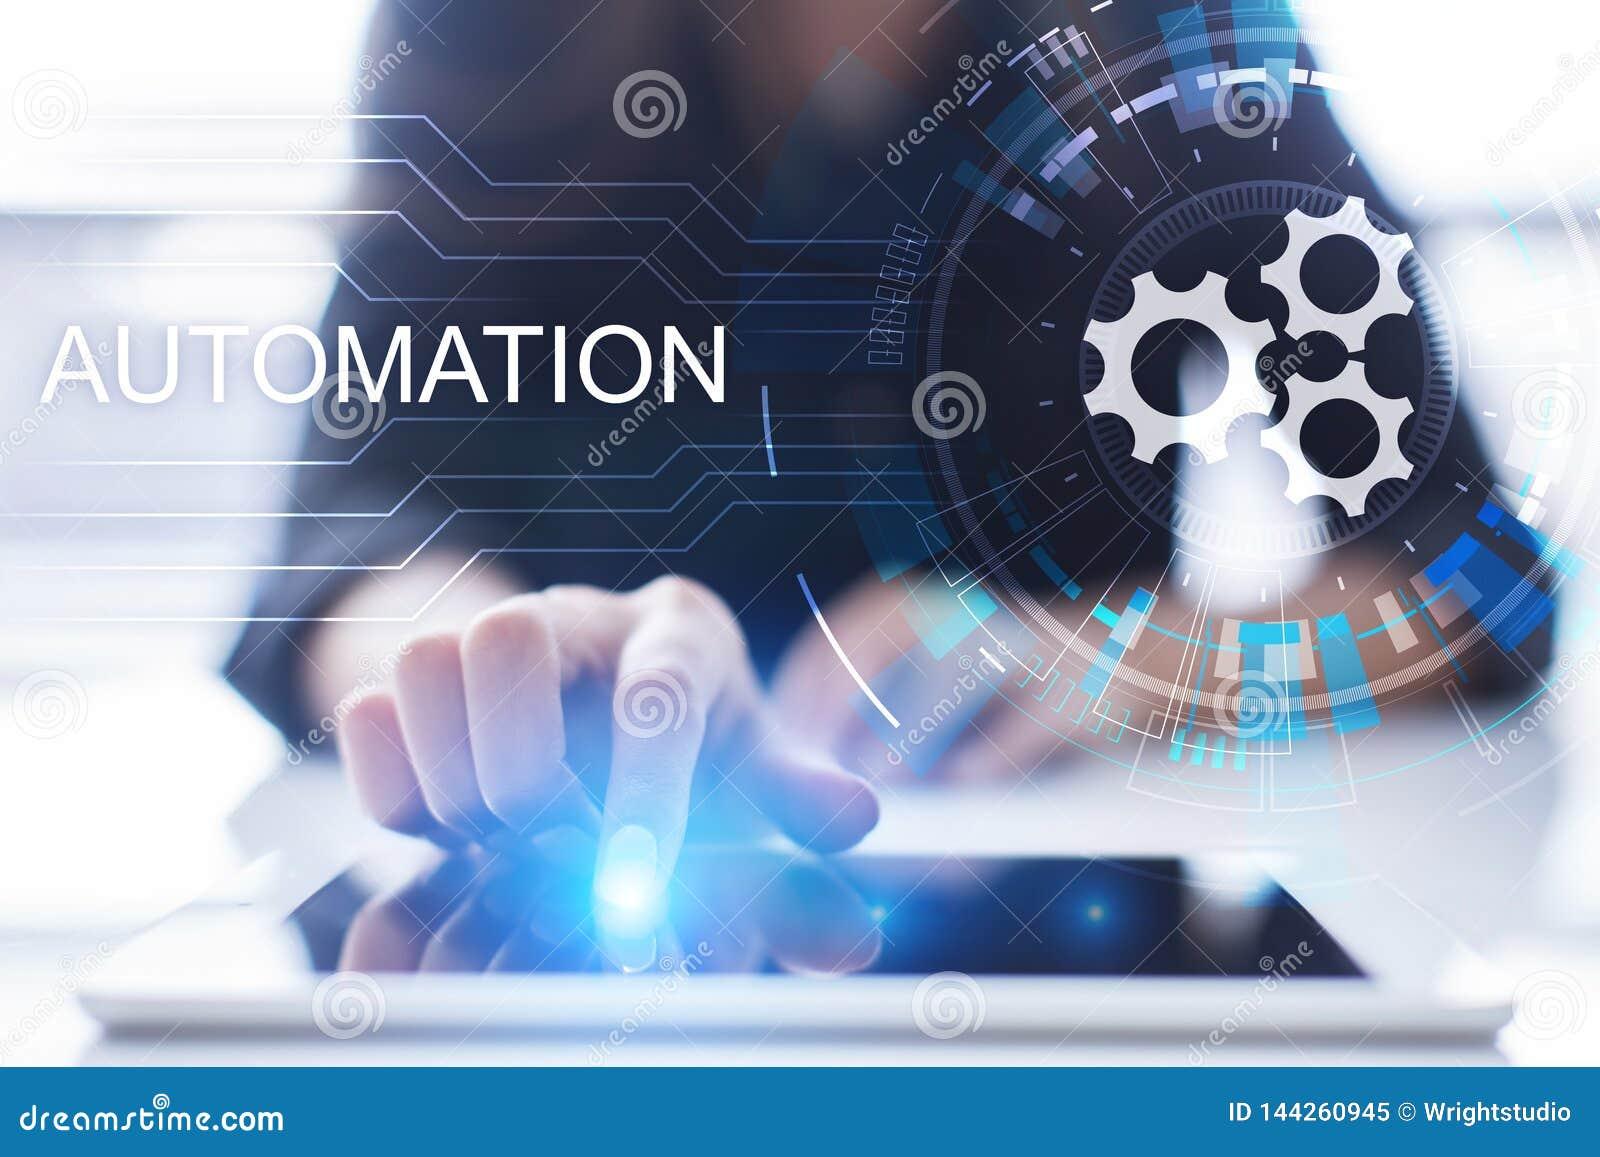 Automatiza??o do neg?cio e de processo de manufatura, ind?stria esperta, inova??o e conceito moderno da tecnologia